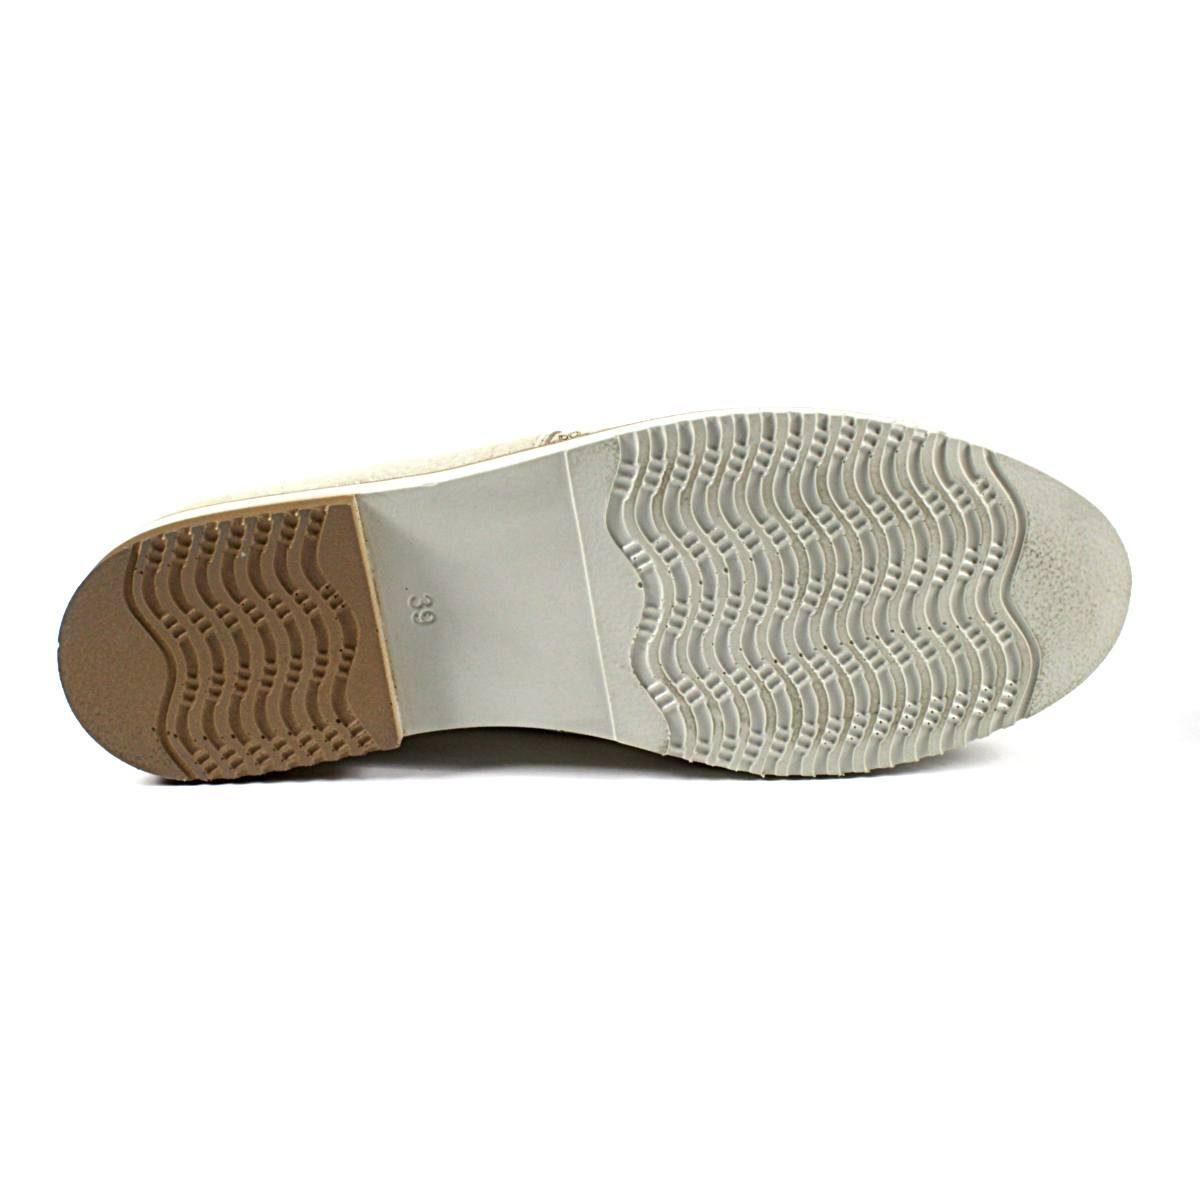 Дамски Обувки Естествена Кожа Със Златист Ефект Ходило